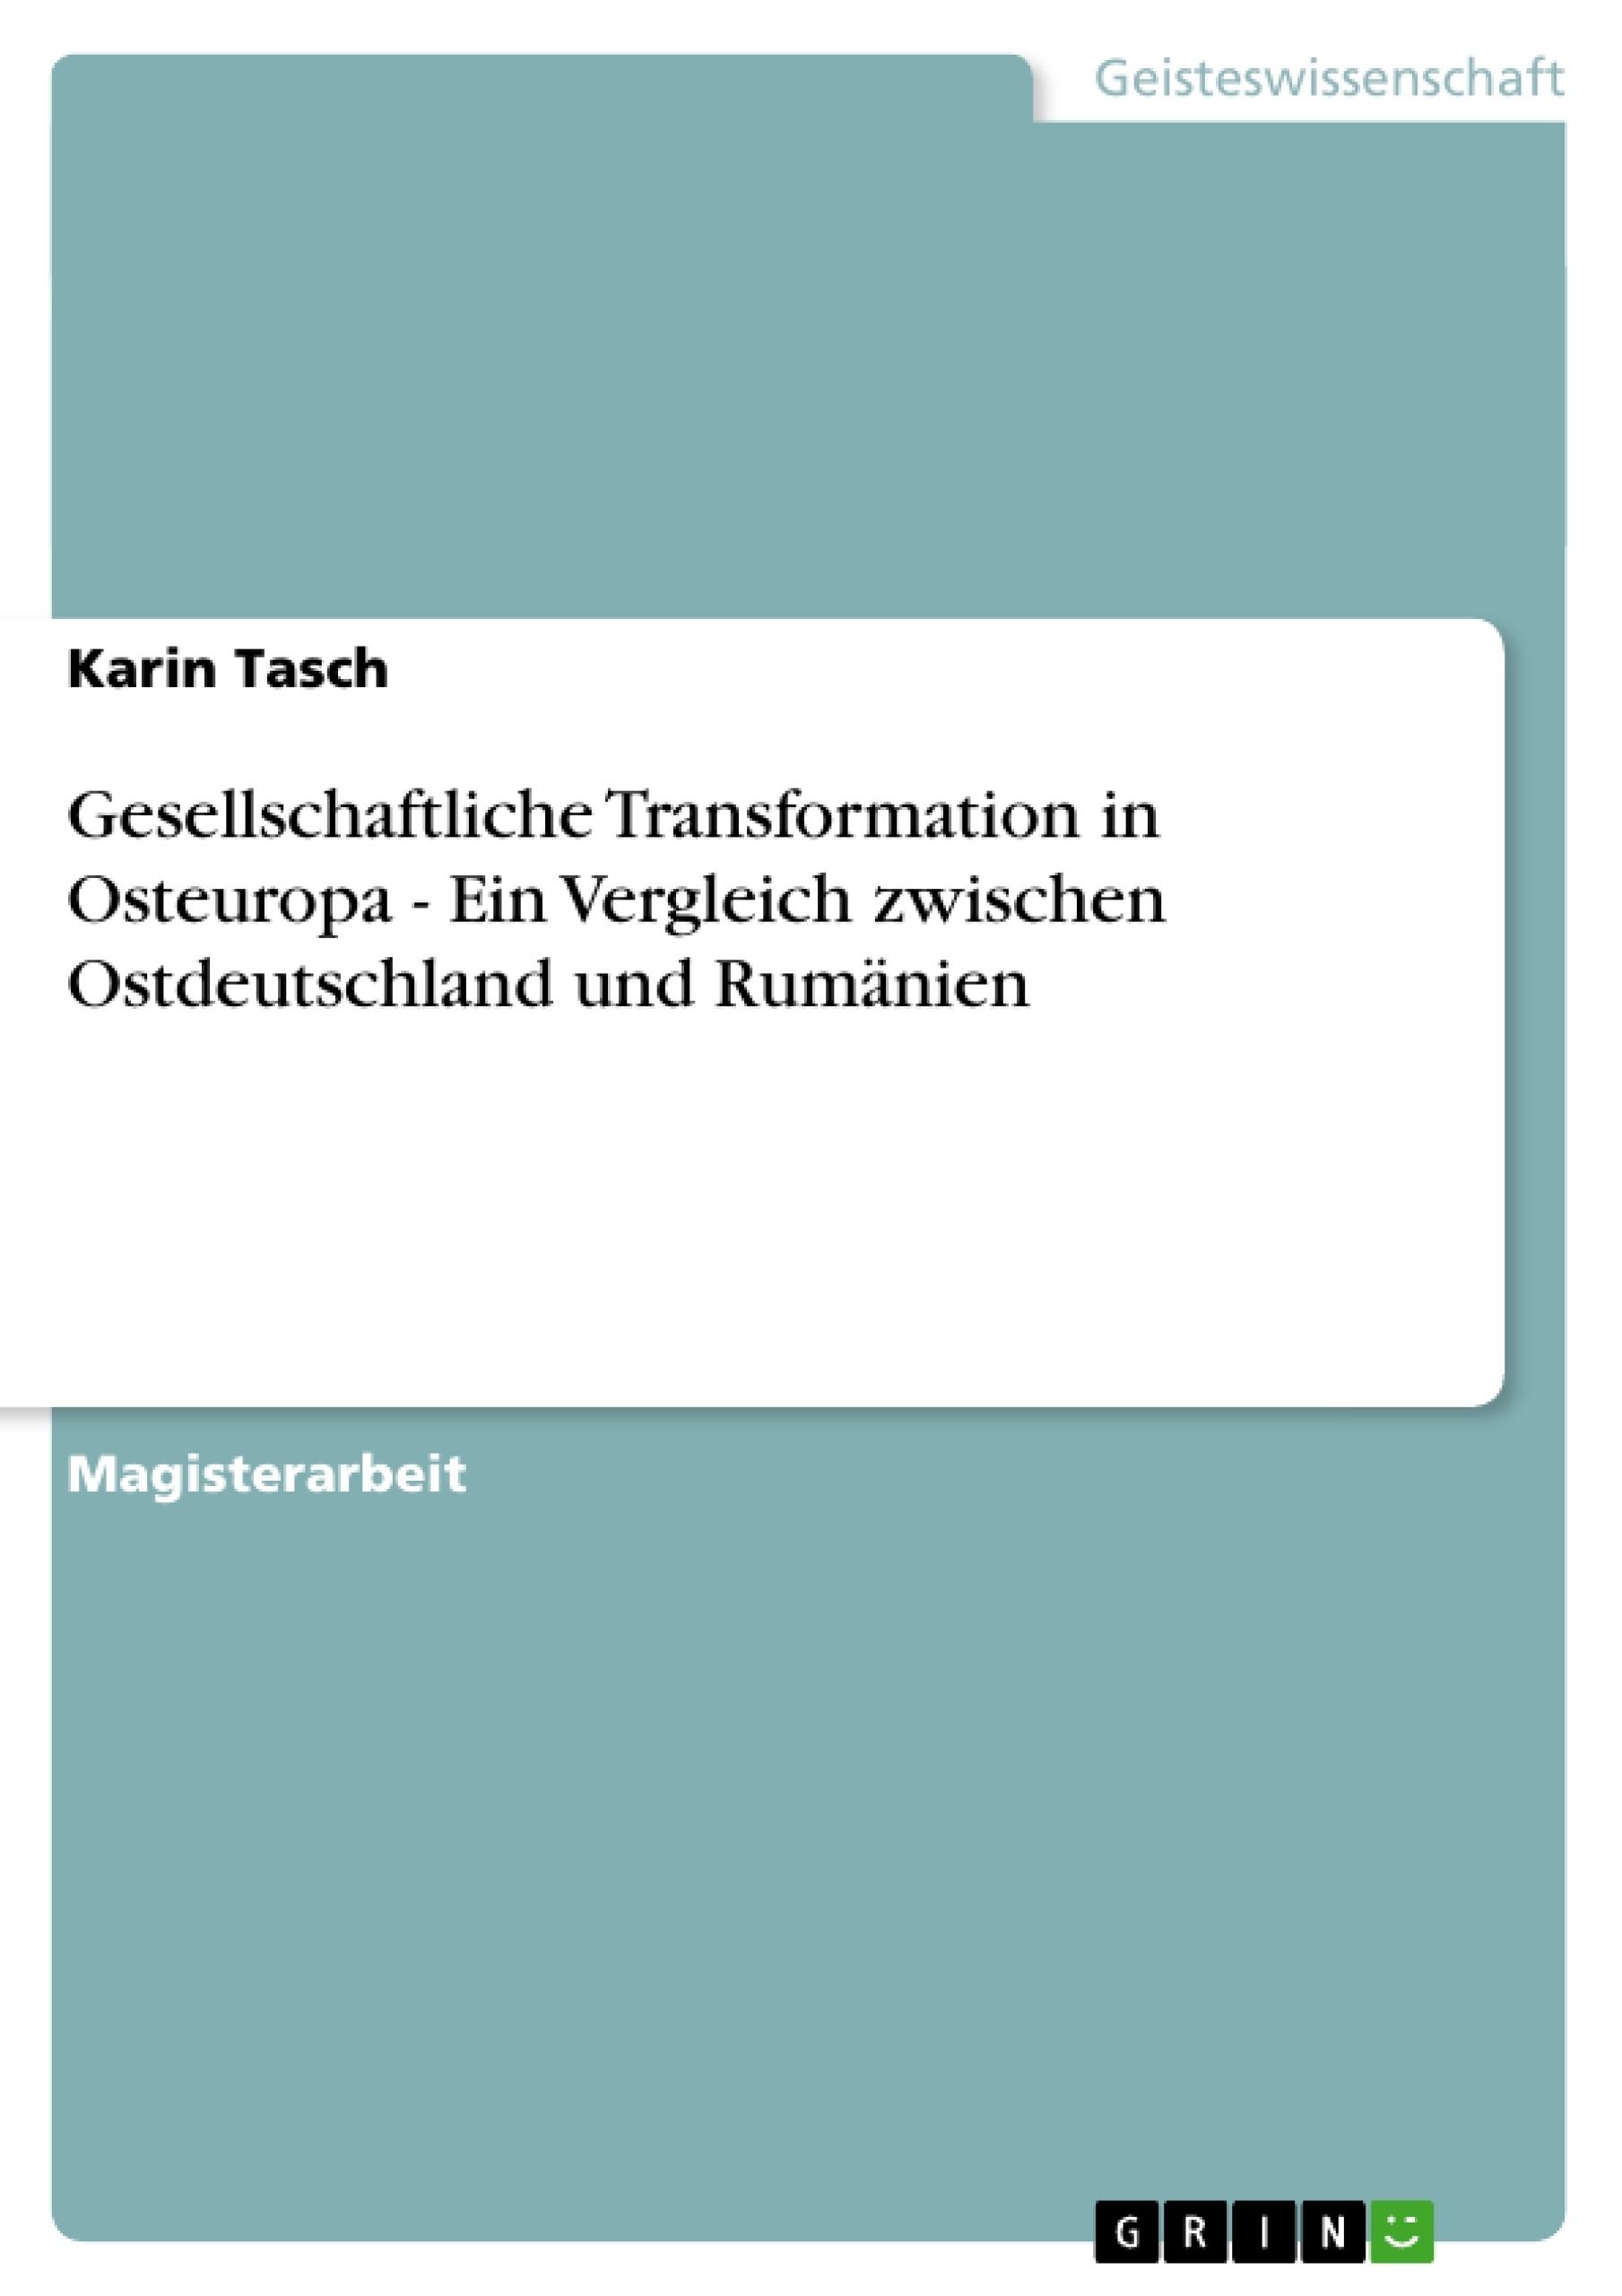 Titel: Gesellschaftliche Transformation in Osteuropa - Ein Vergleich zwischen Ostdeutschland und Rumänien